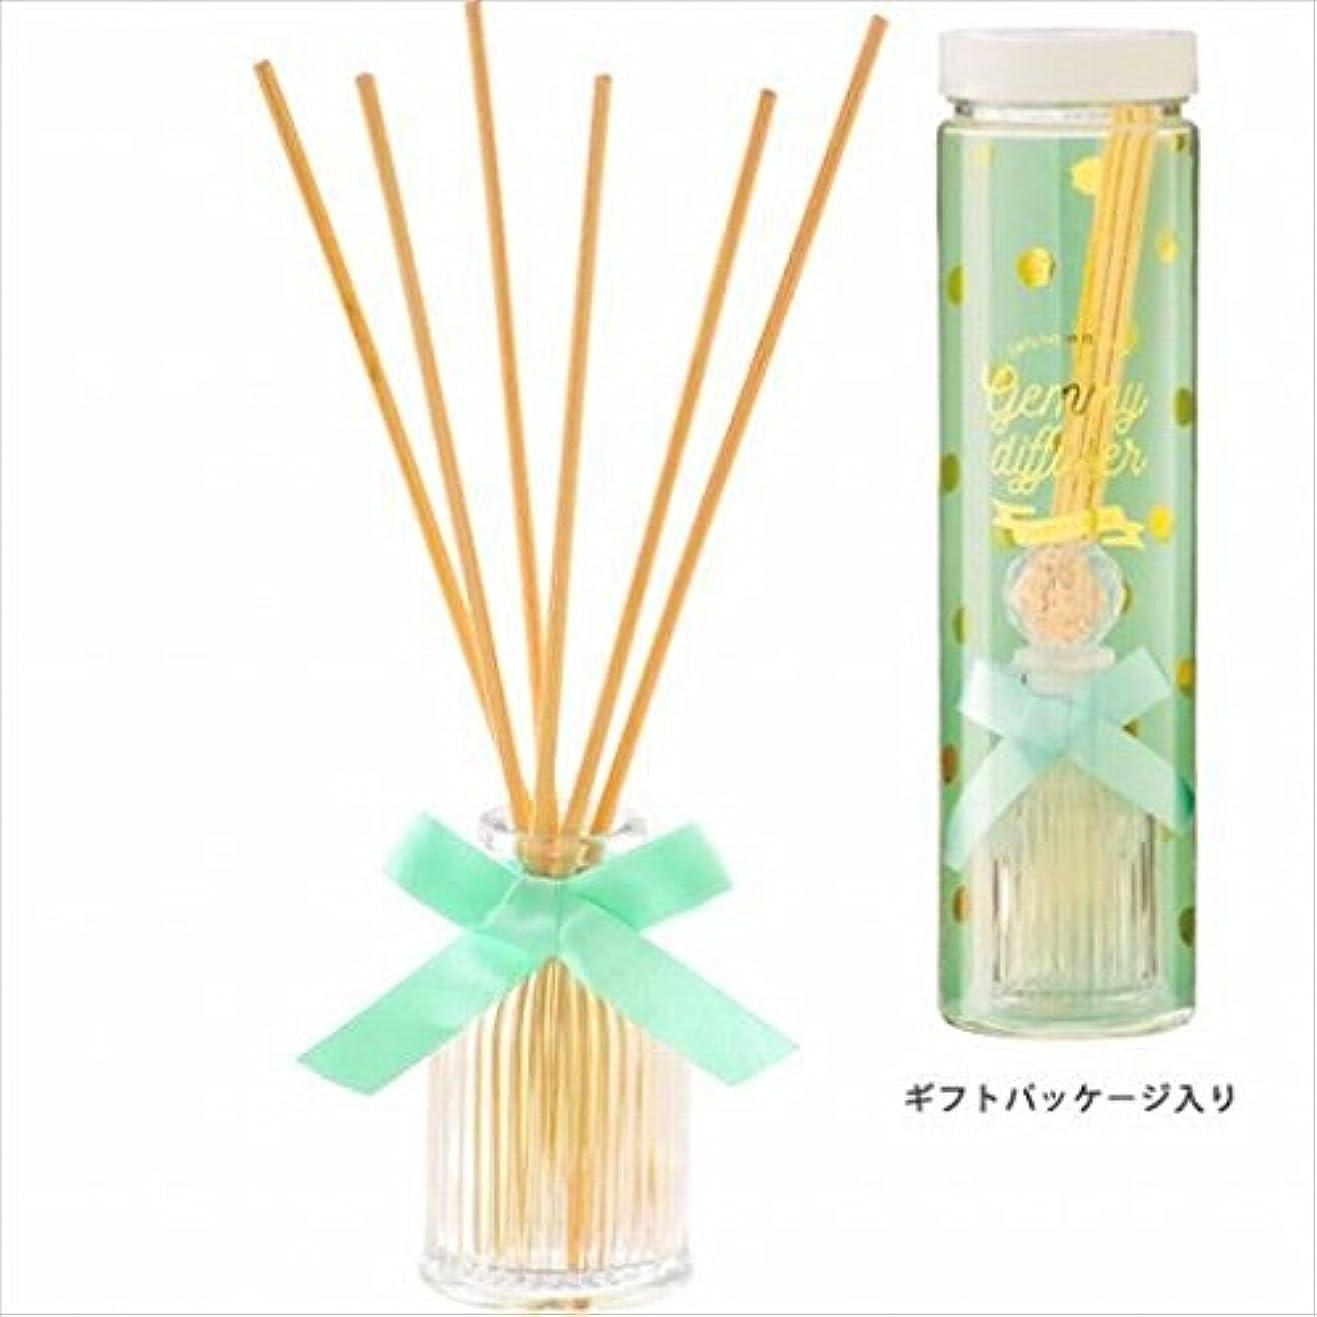 カスタム常習的契約したカメヤマキャンドル(kameyama candle) GEMMY (ジェミー) ディフューザー 「 タイム 」6個セット